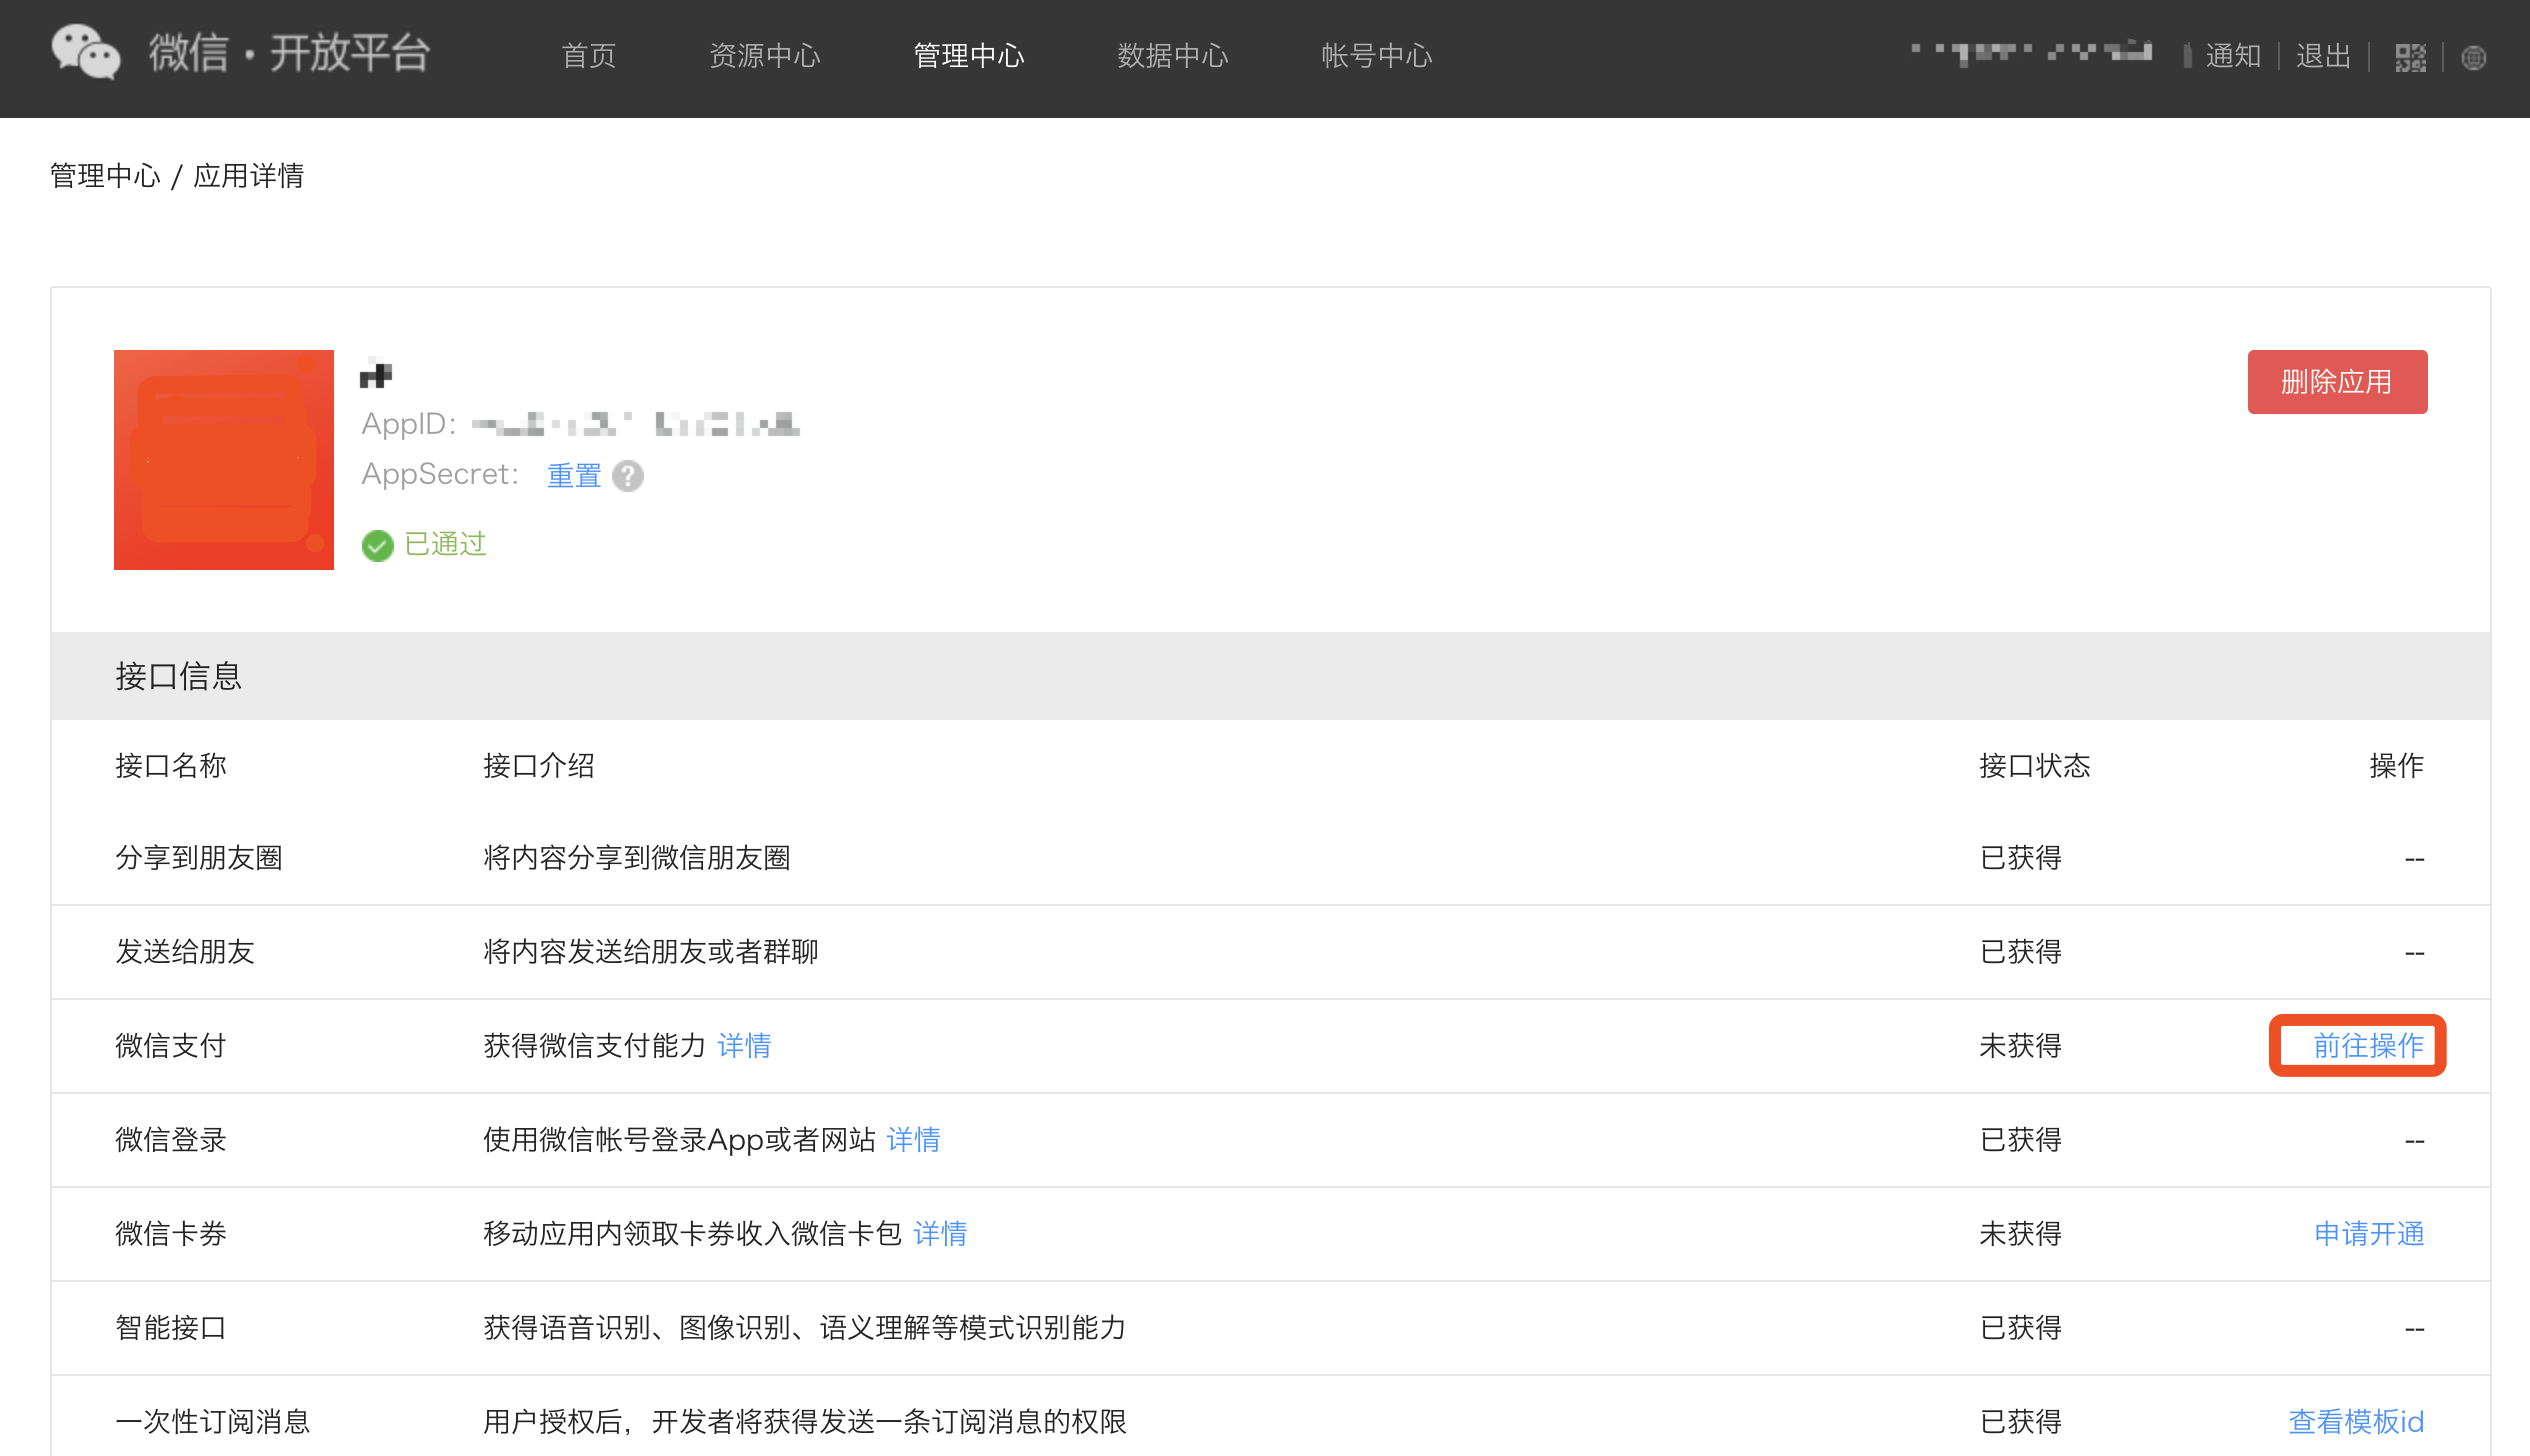 开放平台移动应用详情页